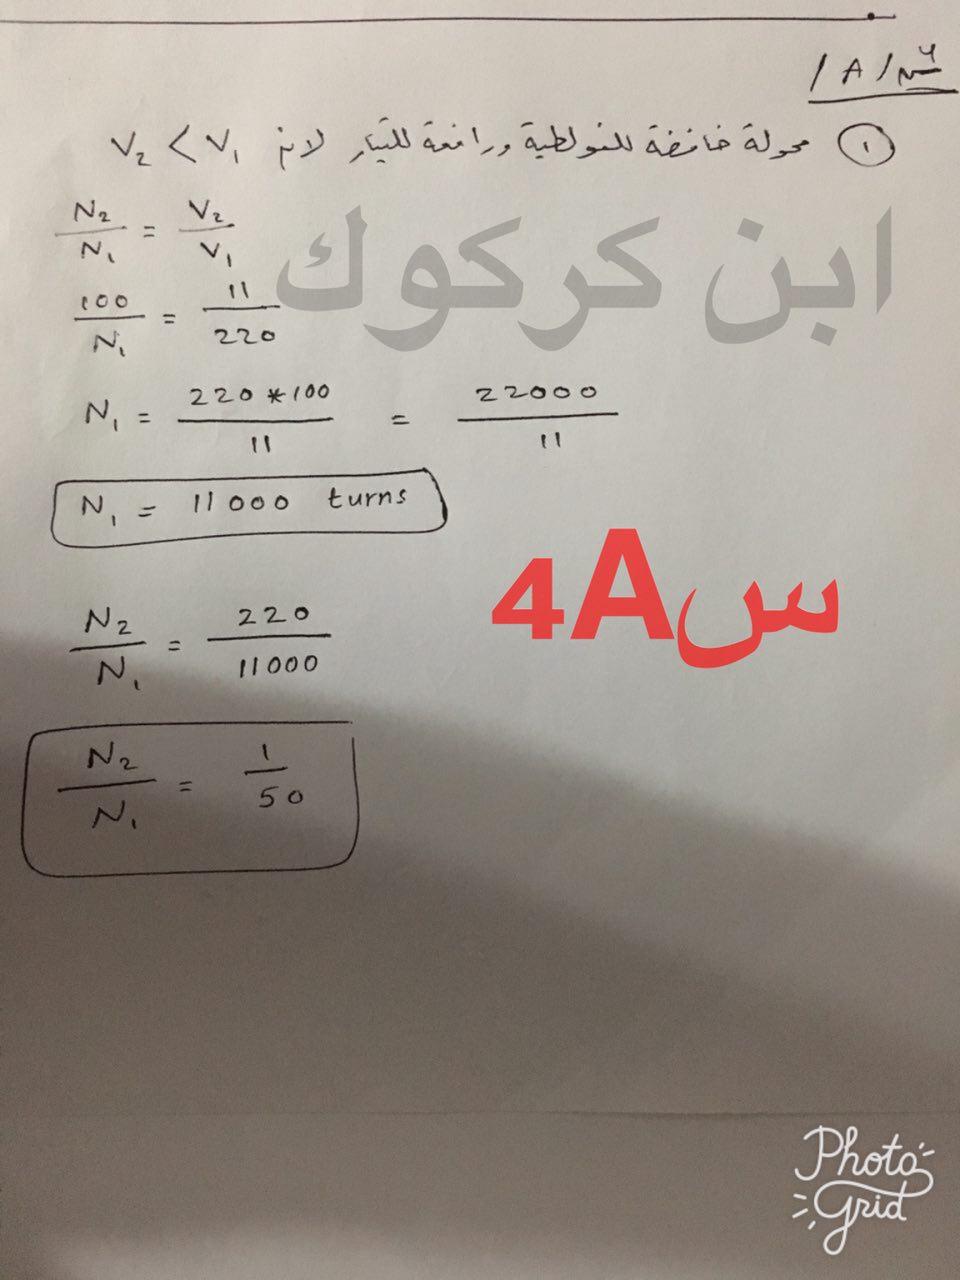 نموذج ورقة الفيزياء مع الحل للصف الثالث متوسط 2017 الدور الاول IMG_20170620_085845